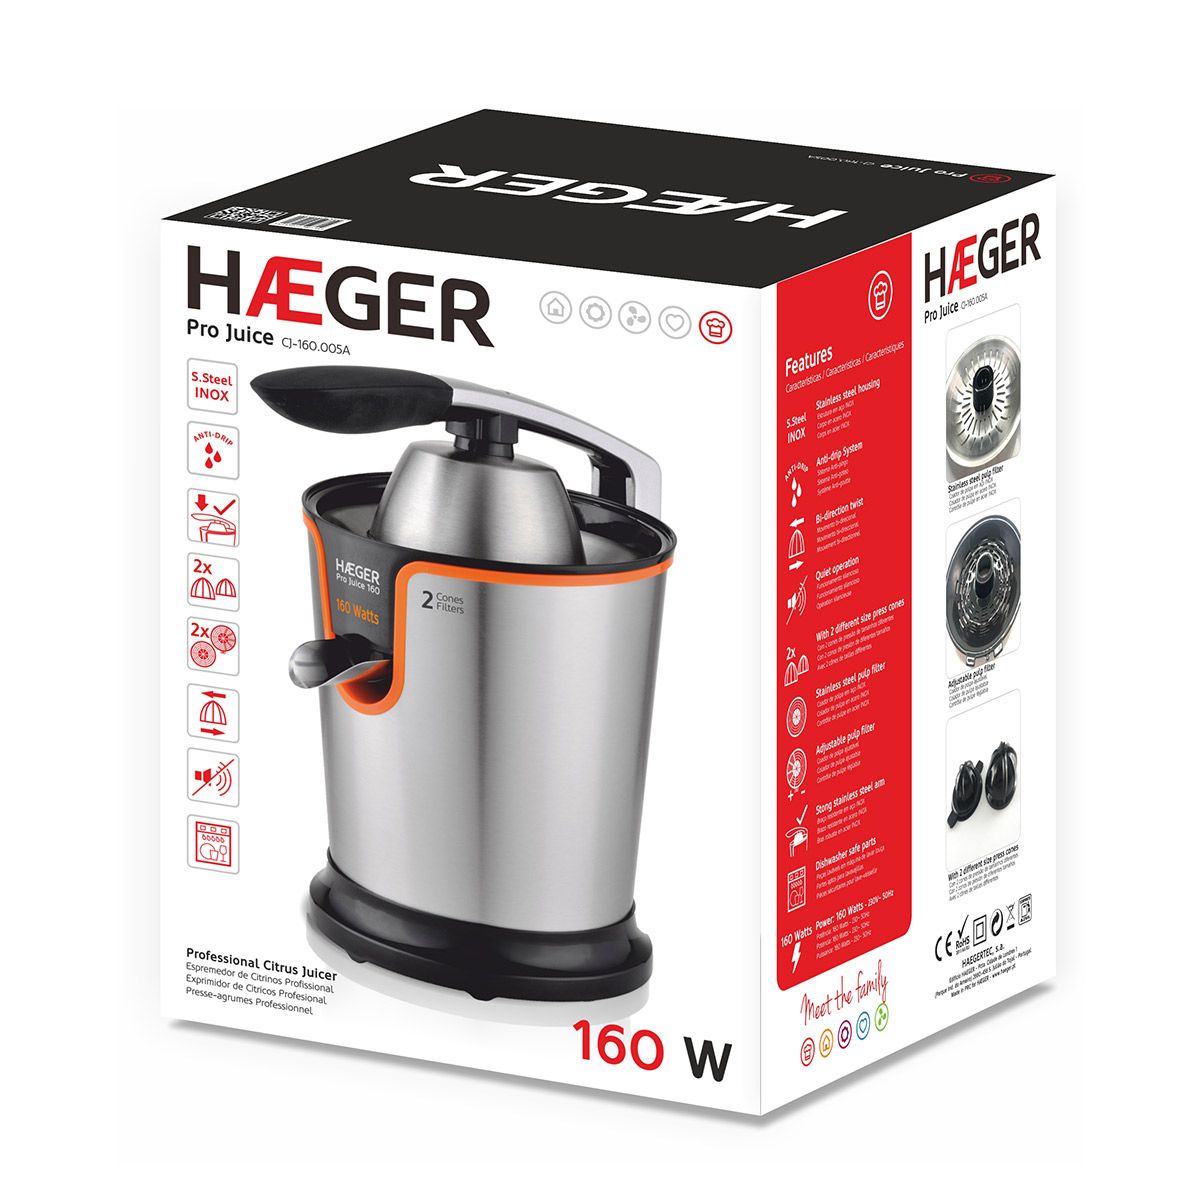 espremedor-de-citrinos-haeger-pro-juice-160-w-img-002